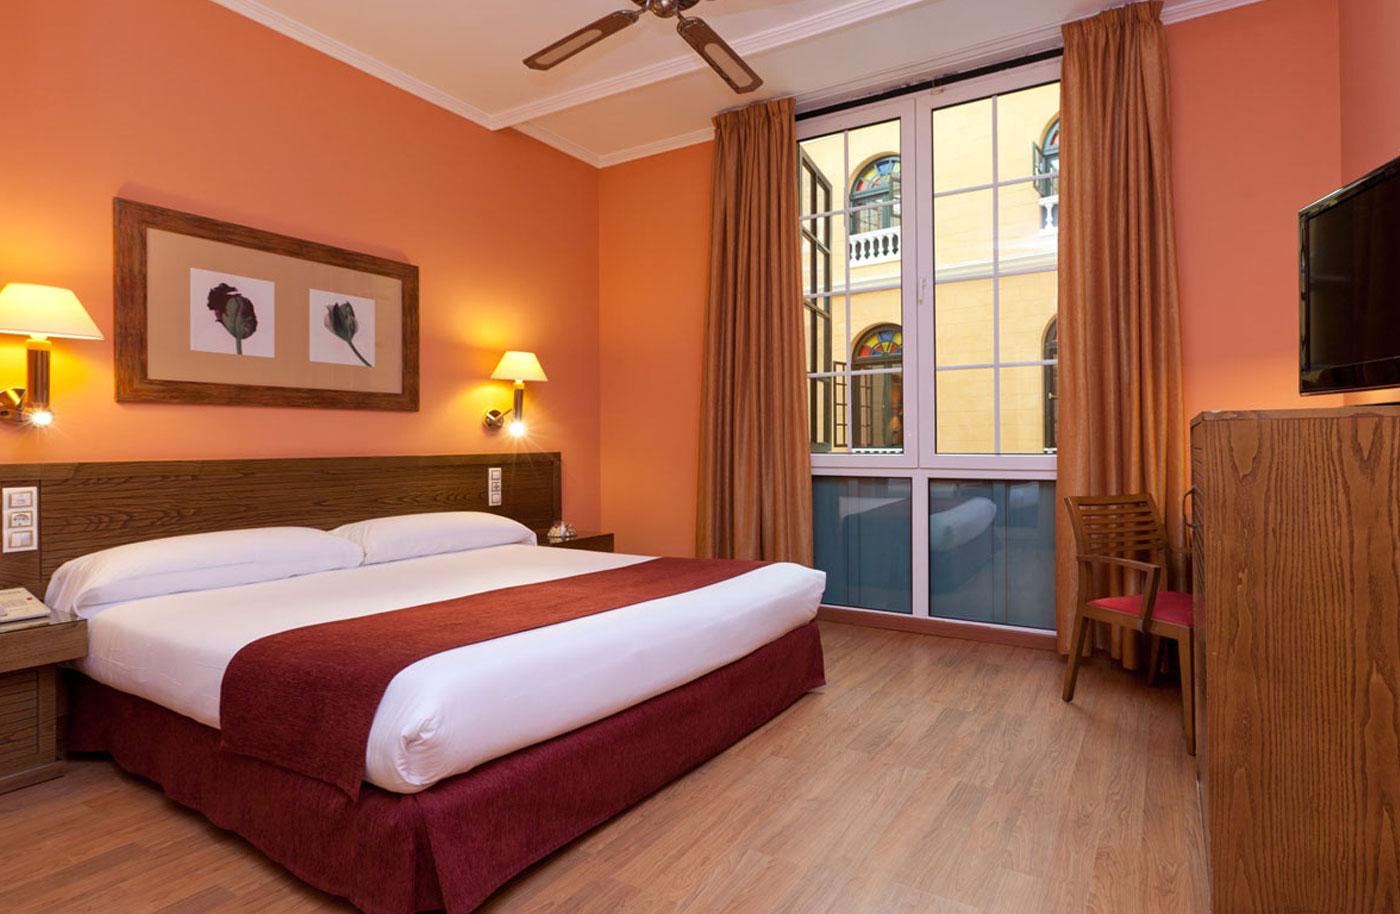 Habitaciones  Senator Cdiz Spa Hotel  Web Oficial